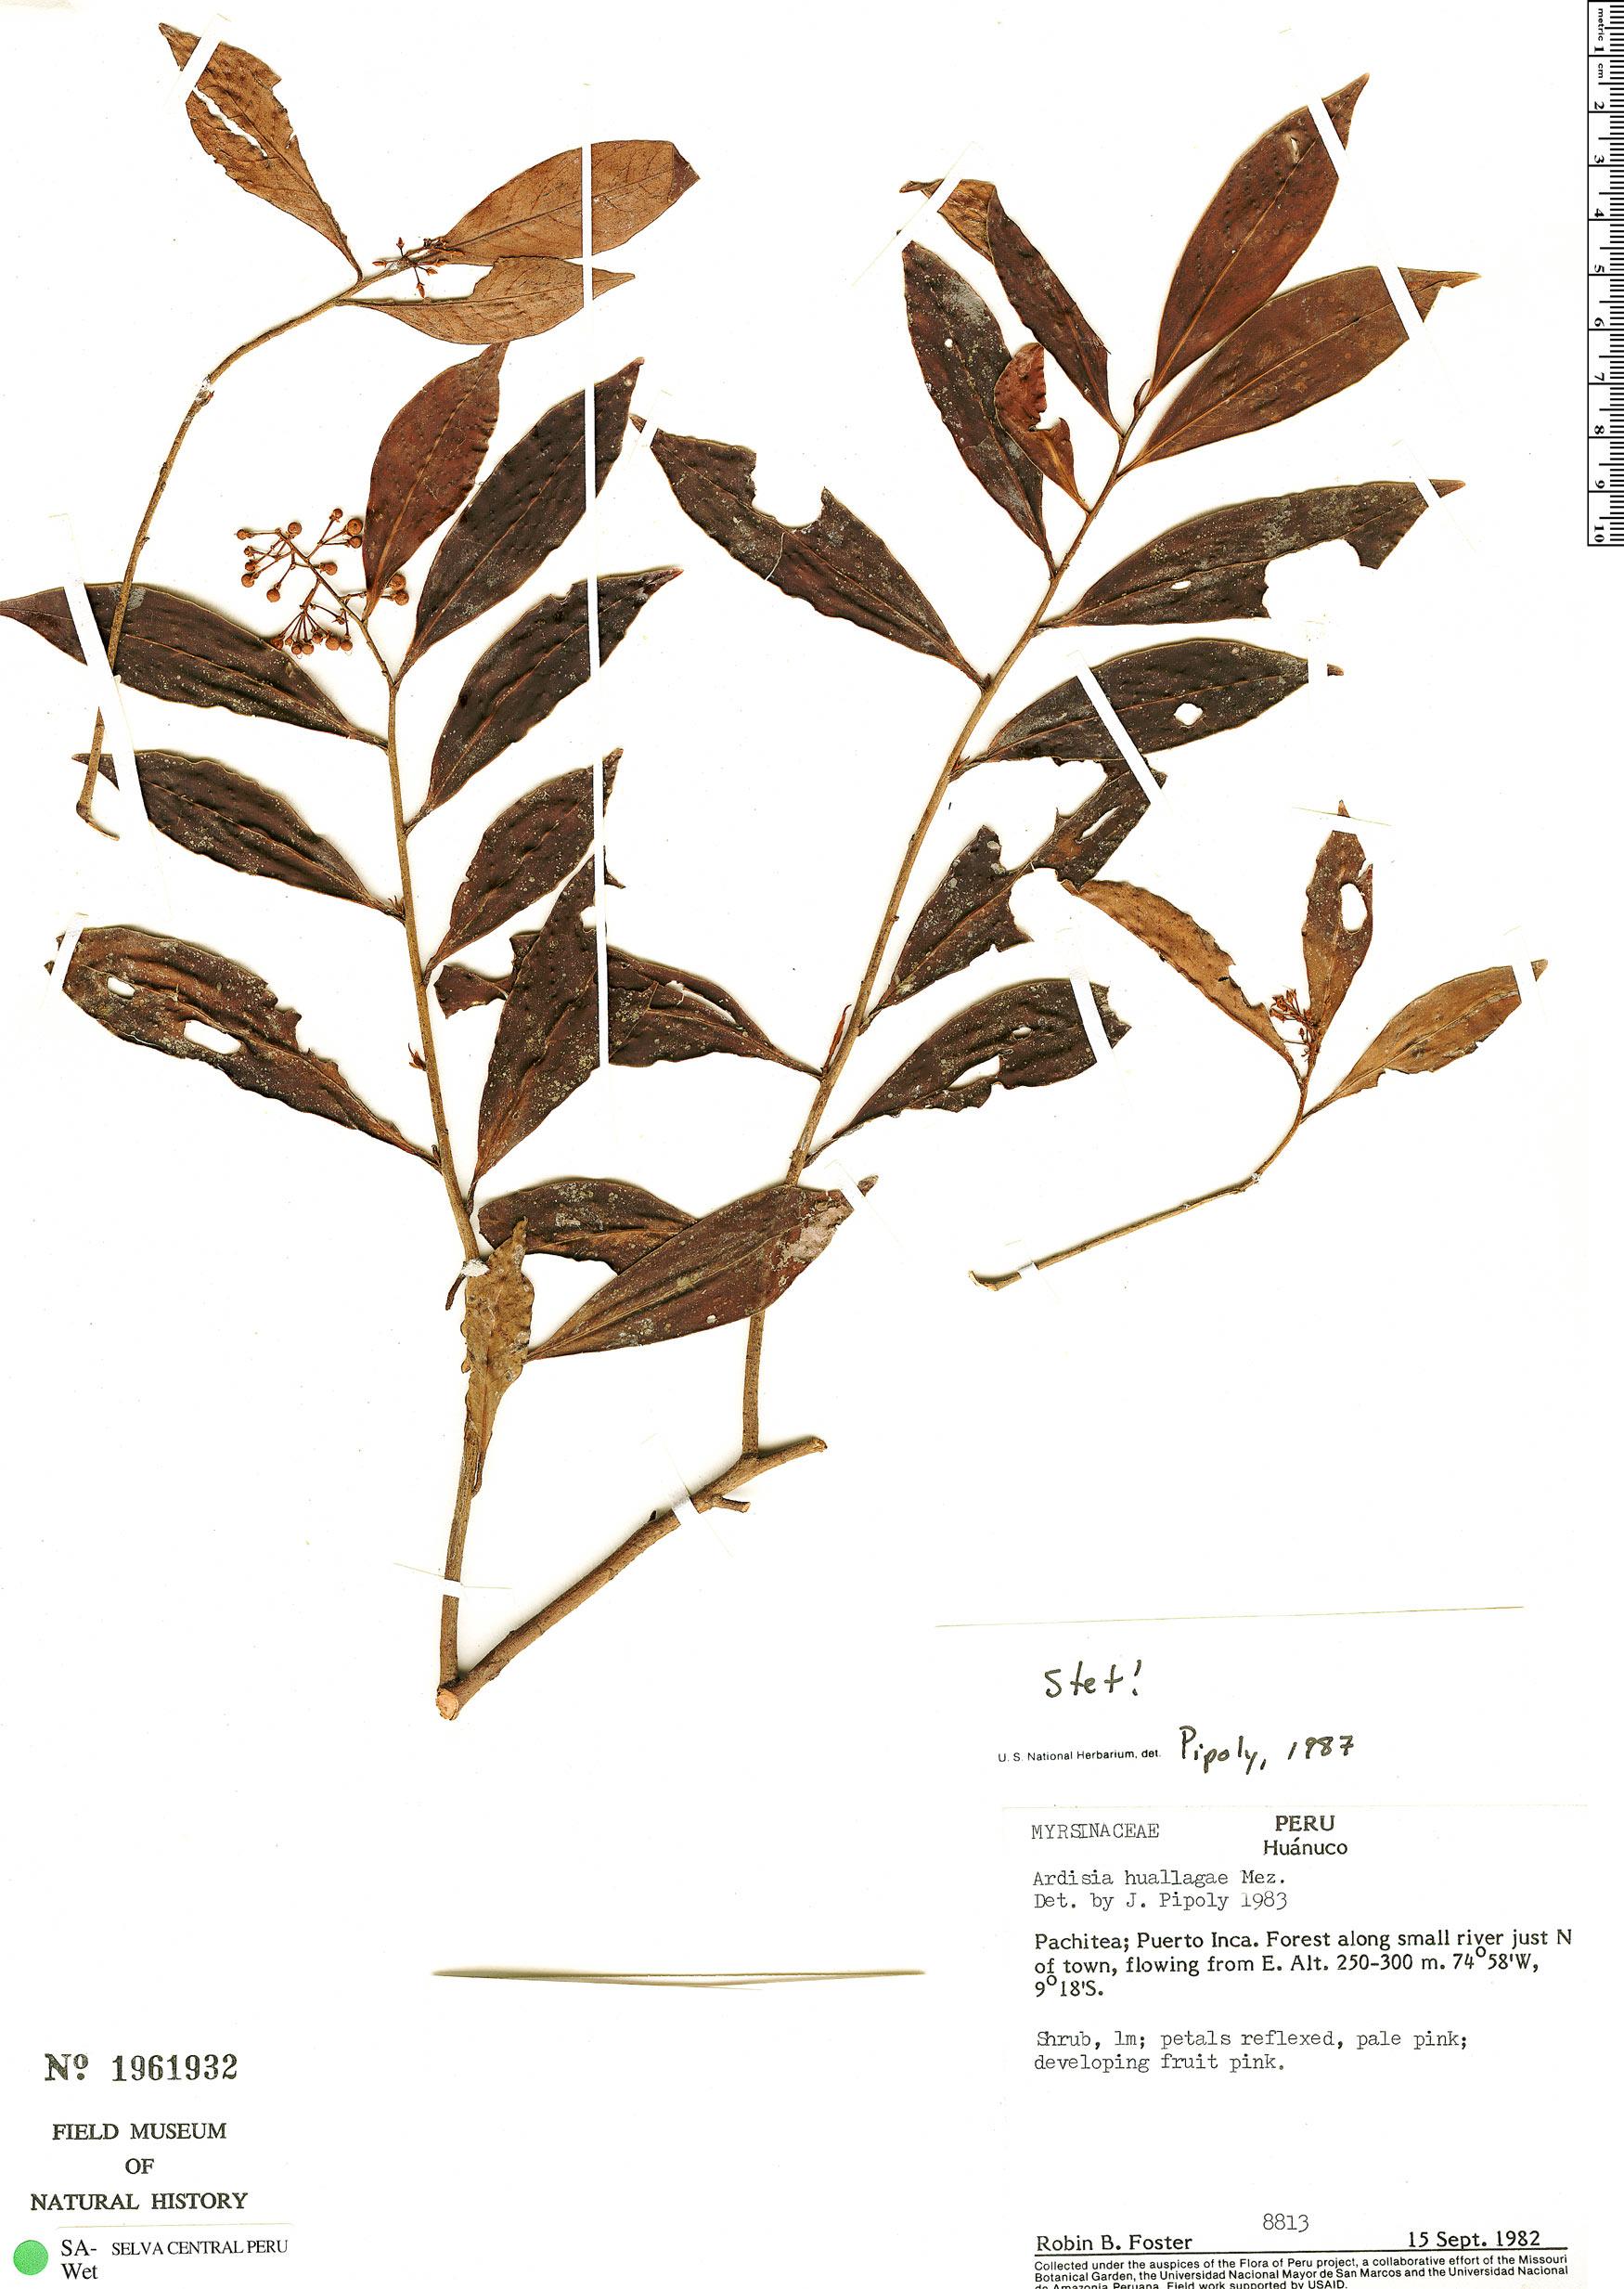 Specimen: Ardisia huallagae